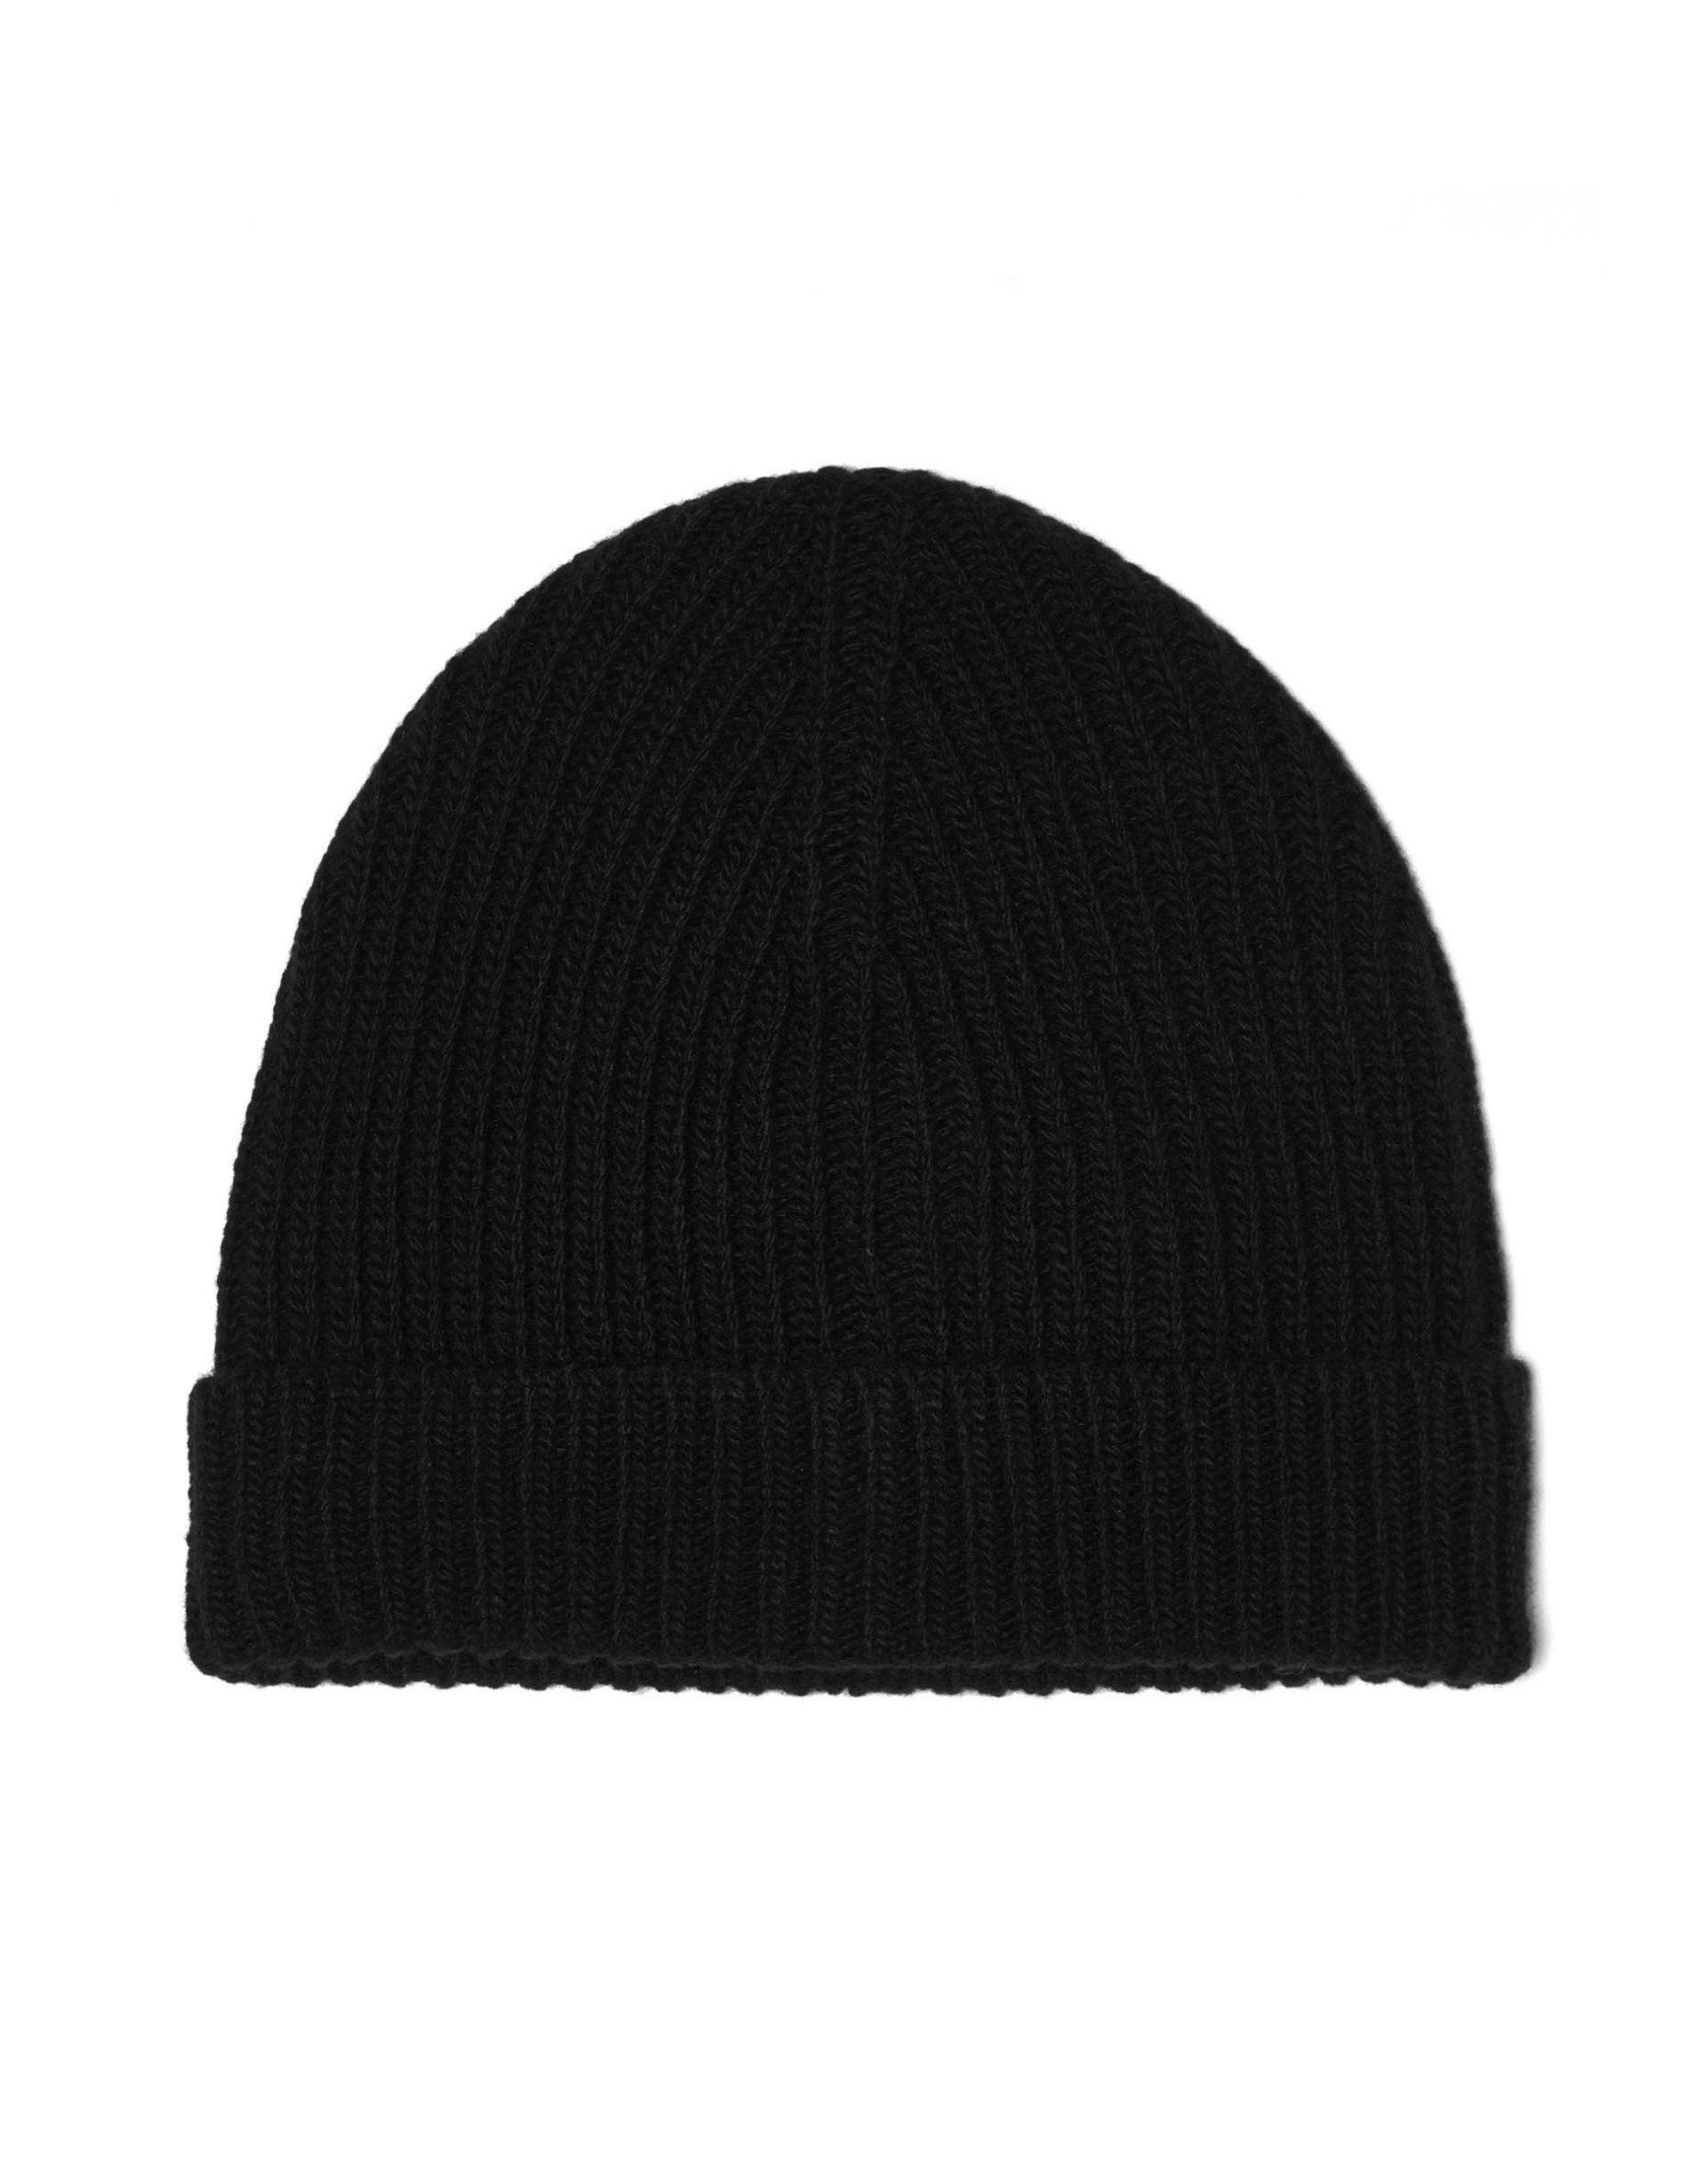 ШапкаГоловные уборы<br>Вязаная шапка из 100% шерсти мериноса. Мягкая на ощупь и обладающая превосходной теплозащитой.<br>Цвет: Черный; Размер: S;